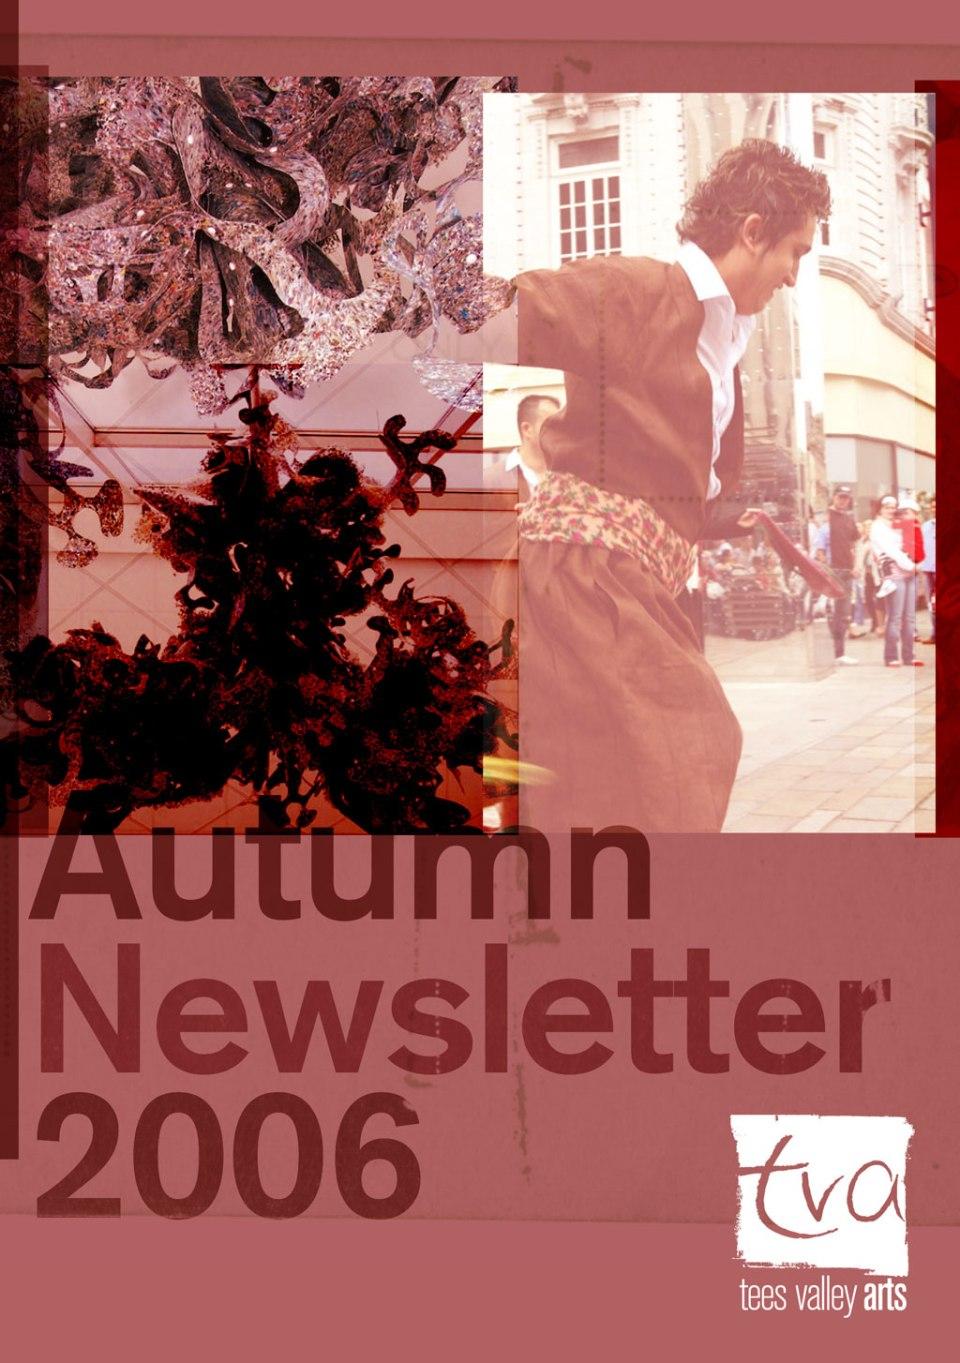 TVA Autumn Newsletter 2006